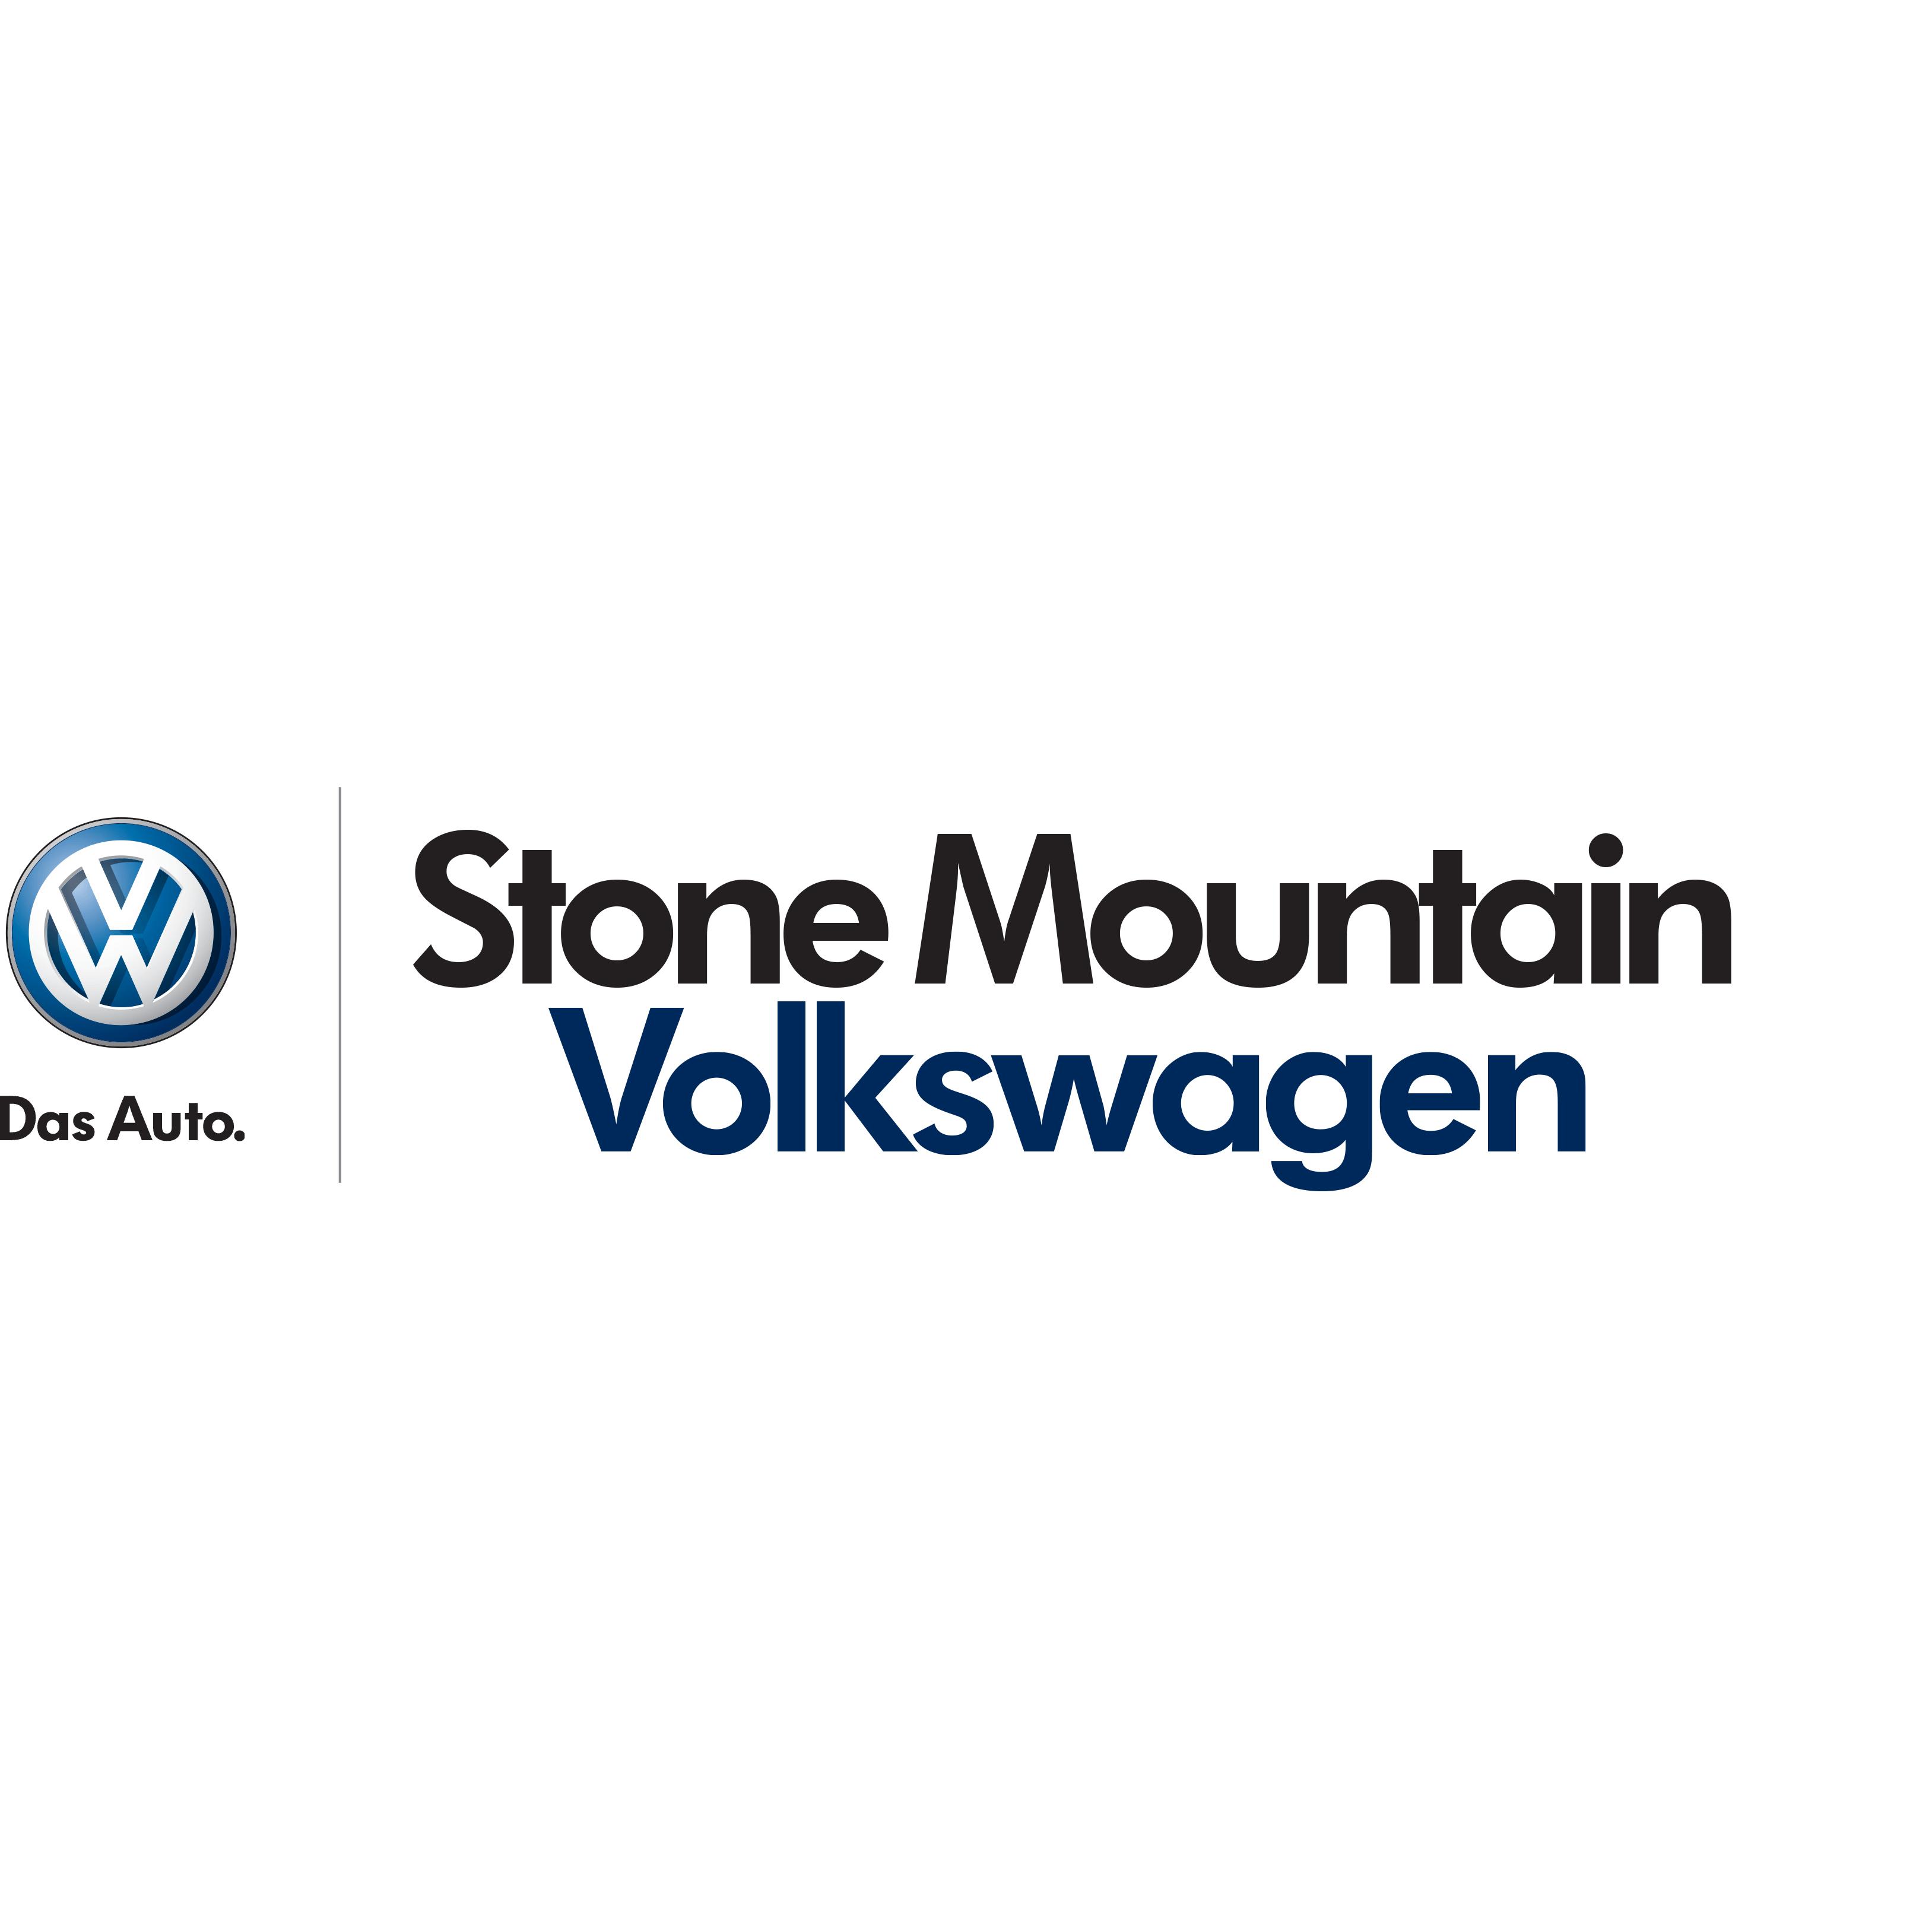 Volkswagen Dealers In Ga: Stone Mountain Volkswagen 3500 Stone Mountain Highway